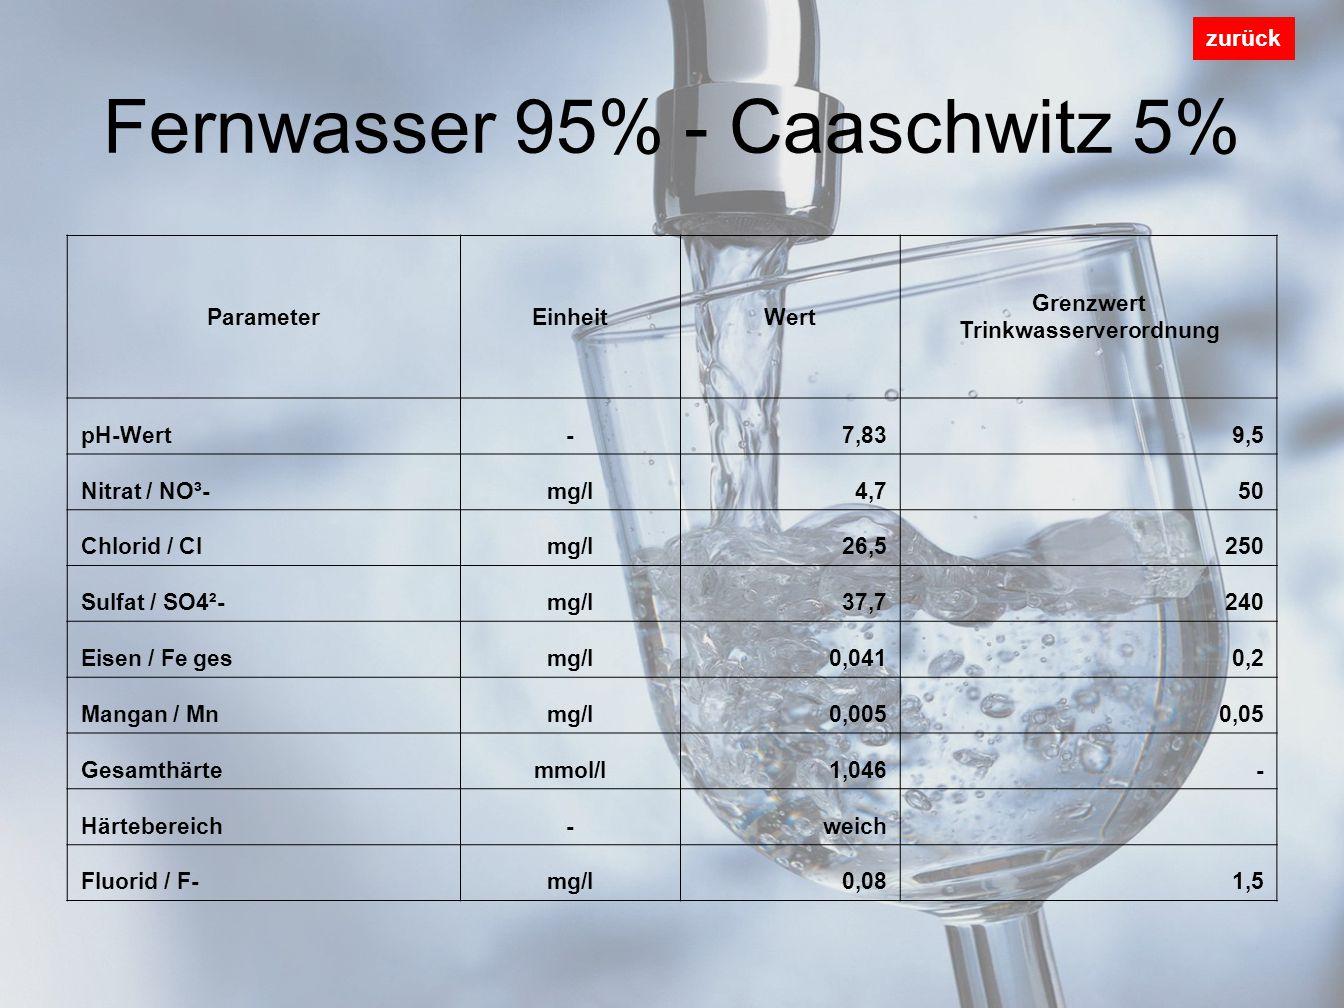 Fernwasser 95% - Caaschwitz 5% zurück ParameterEinheitWert Grenzwert Trinkwasserverordnung pH-Wert-7,839,5 Nitrat / NO³-mg/l4,750 Chlorid / Clmg/l26,5250 Sulfat / SO4²-mg/l37,7240 Eisen / Fe gesmg/l0,0410,2 Mangan / Mnmg/l0,0050,05 Gesamthärtemmol/l1,046- Härtebereich-weich Fluorid / F-mg/l0,081,5